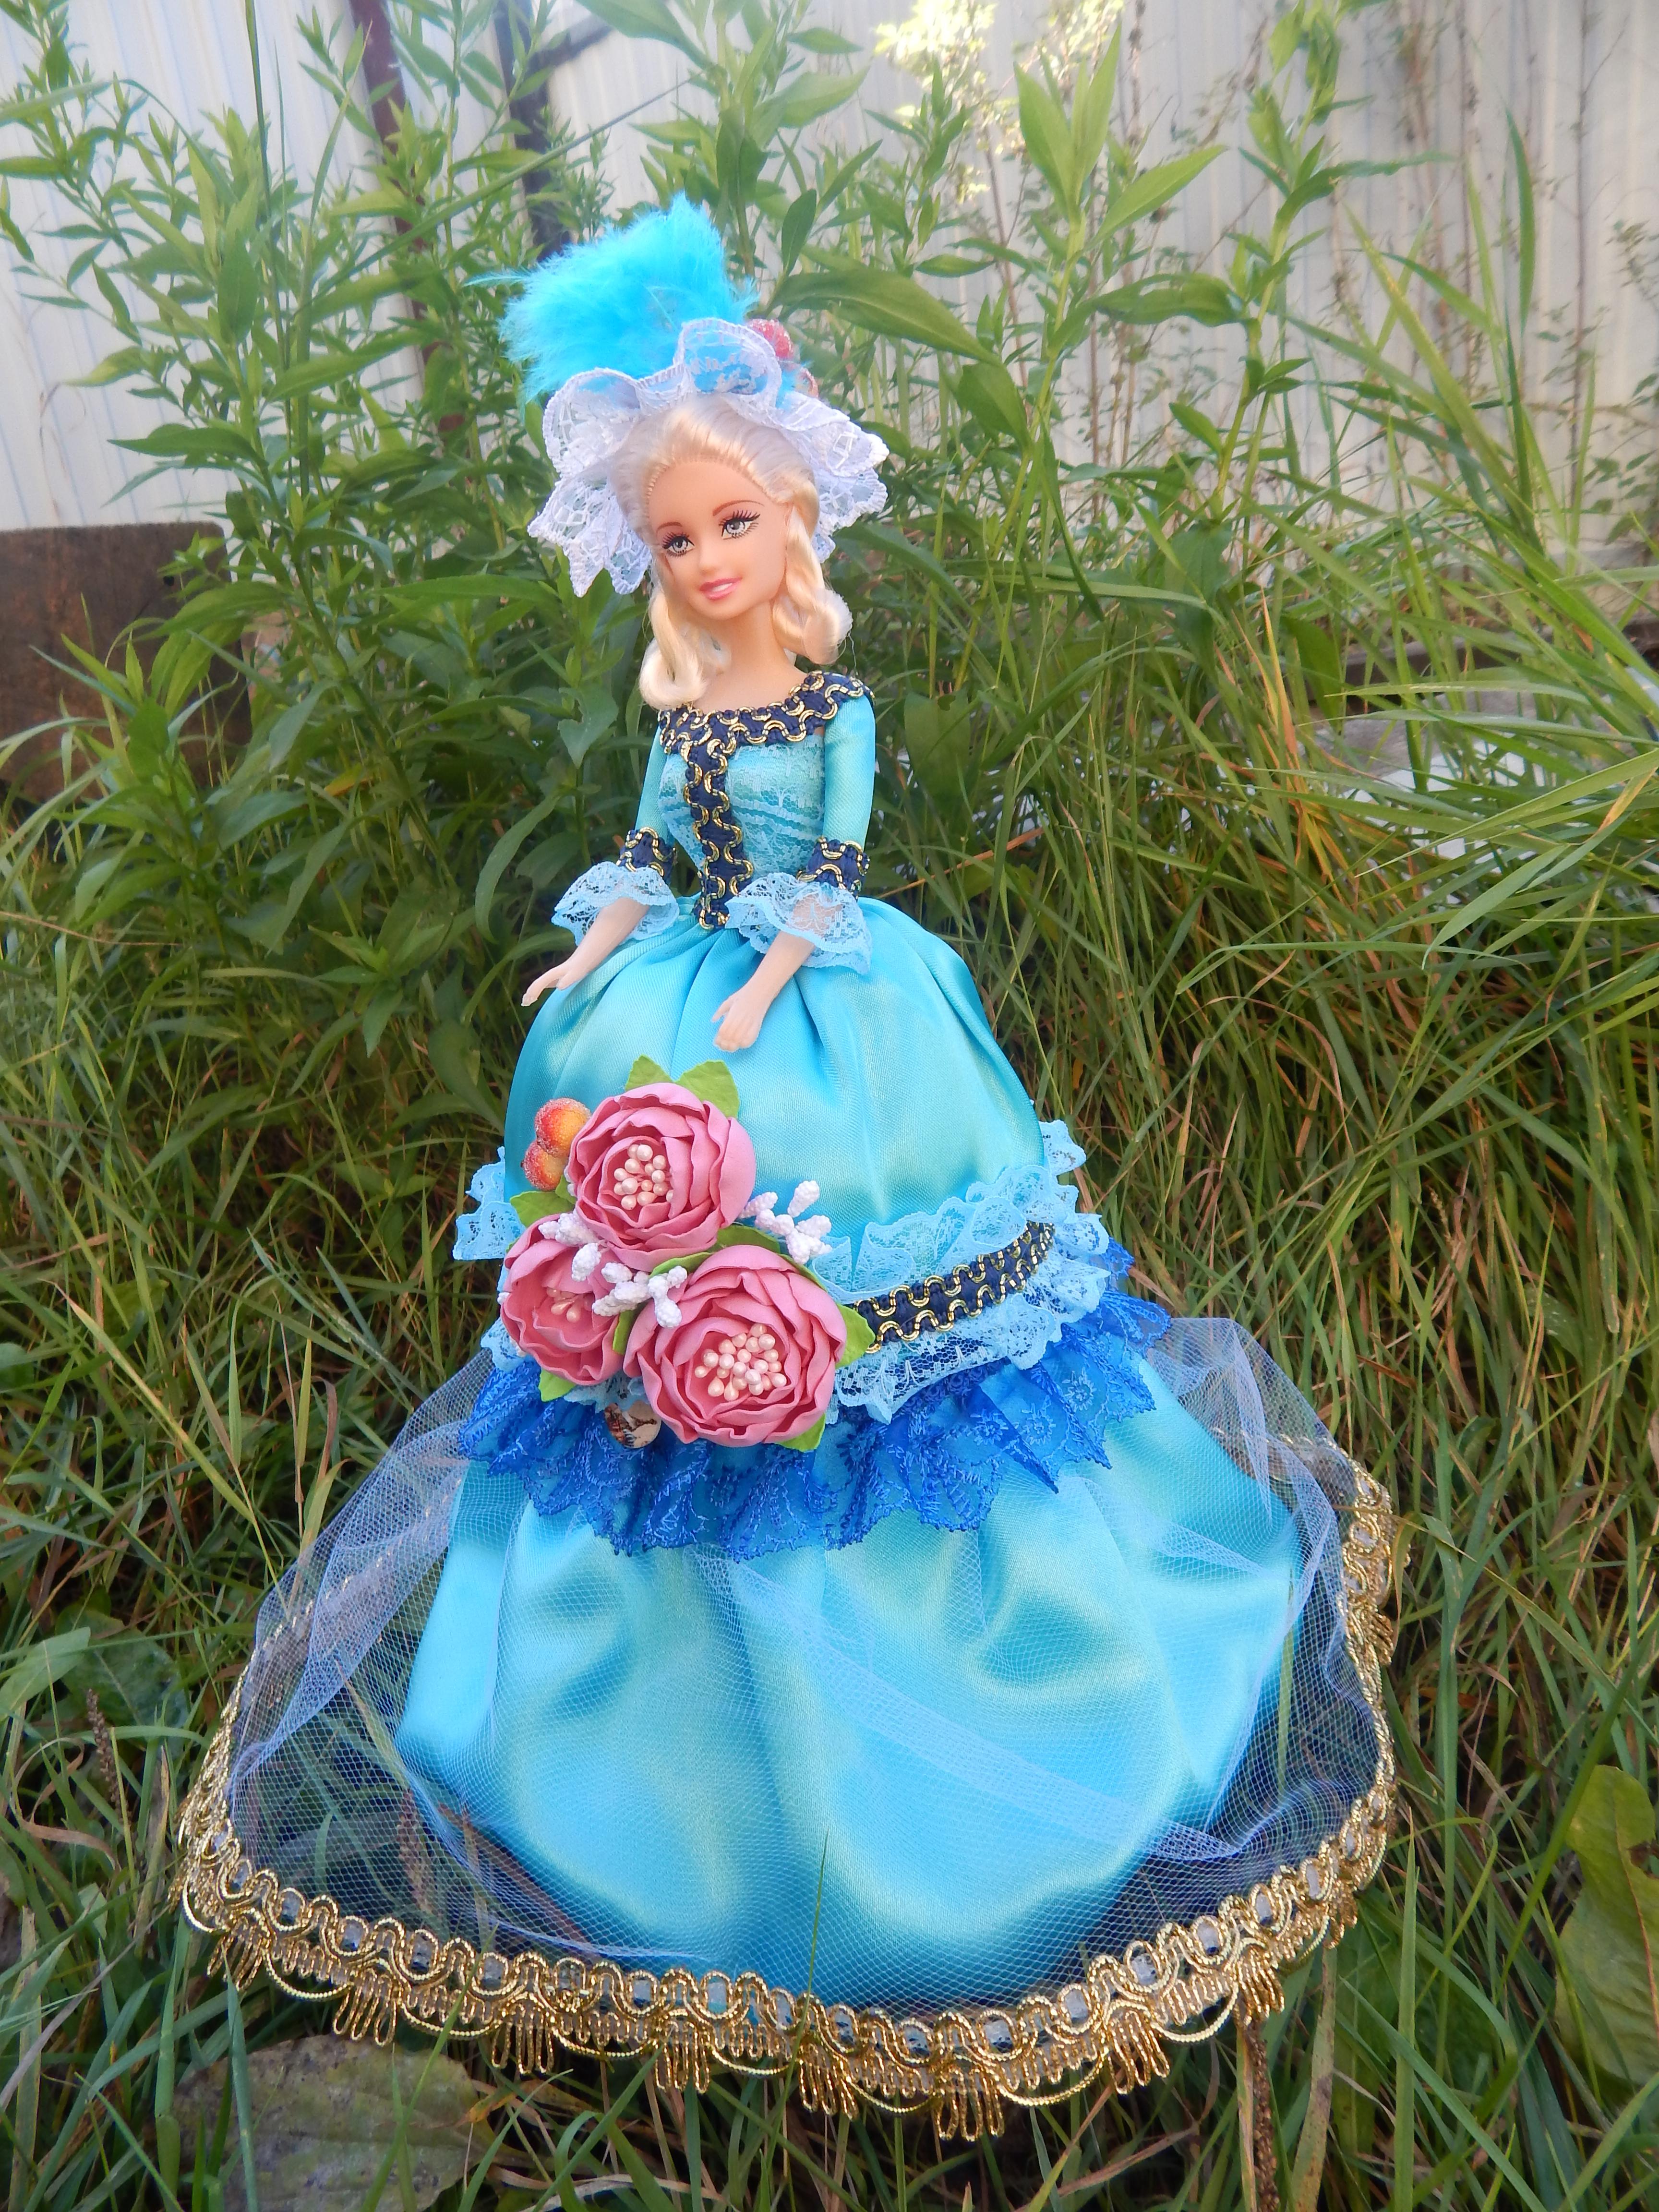 Декорированные куклы-шкатулки - поделки и самоделки своими руками